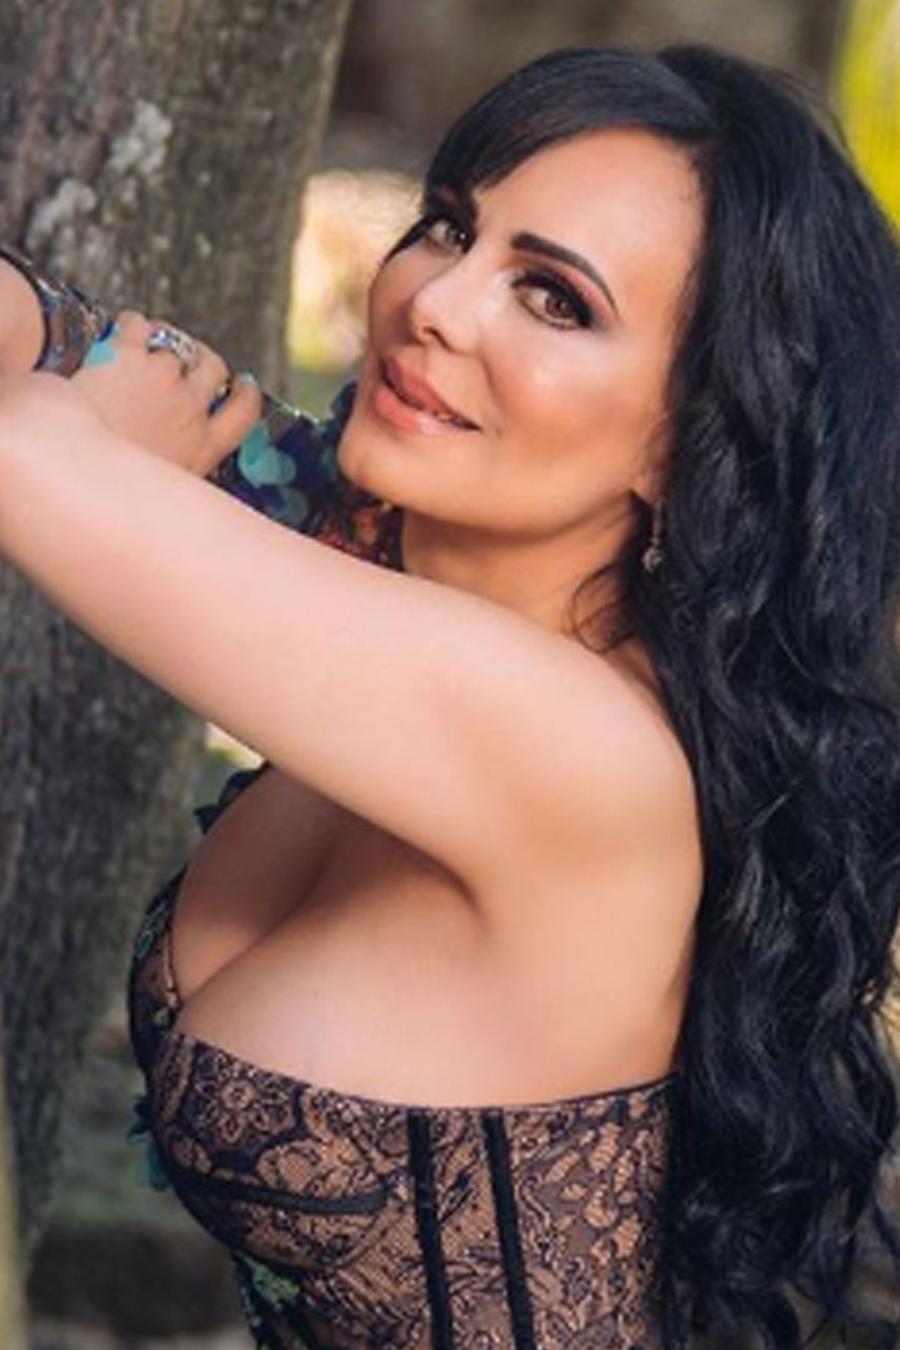 Maribel Guardia con atuendo sexy